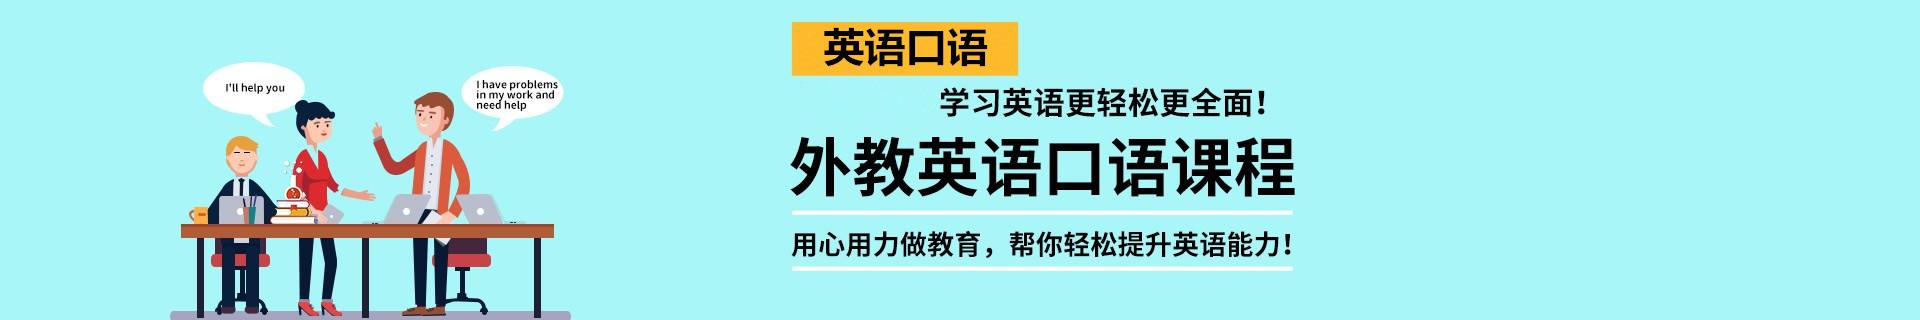 苏州吴江区沃尔得英语培训